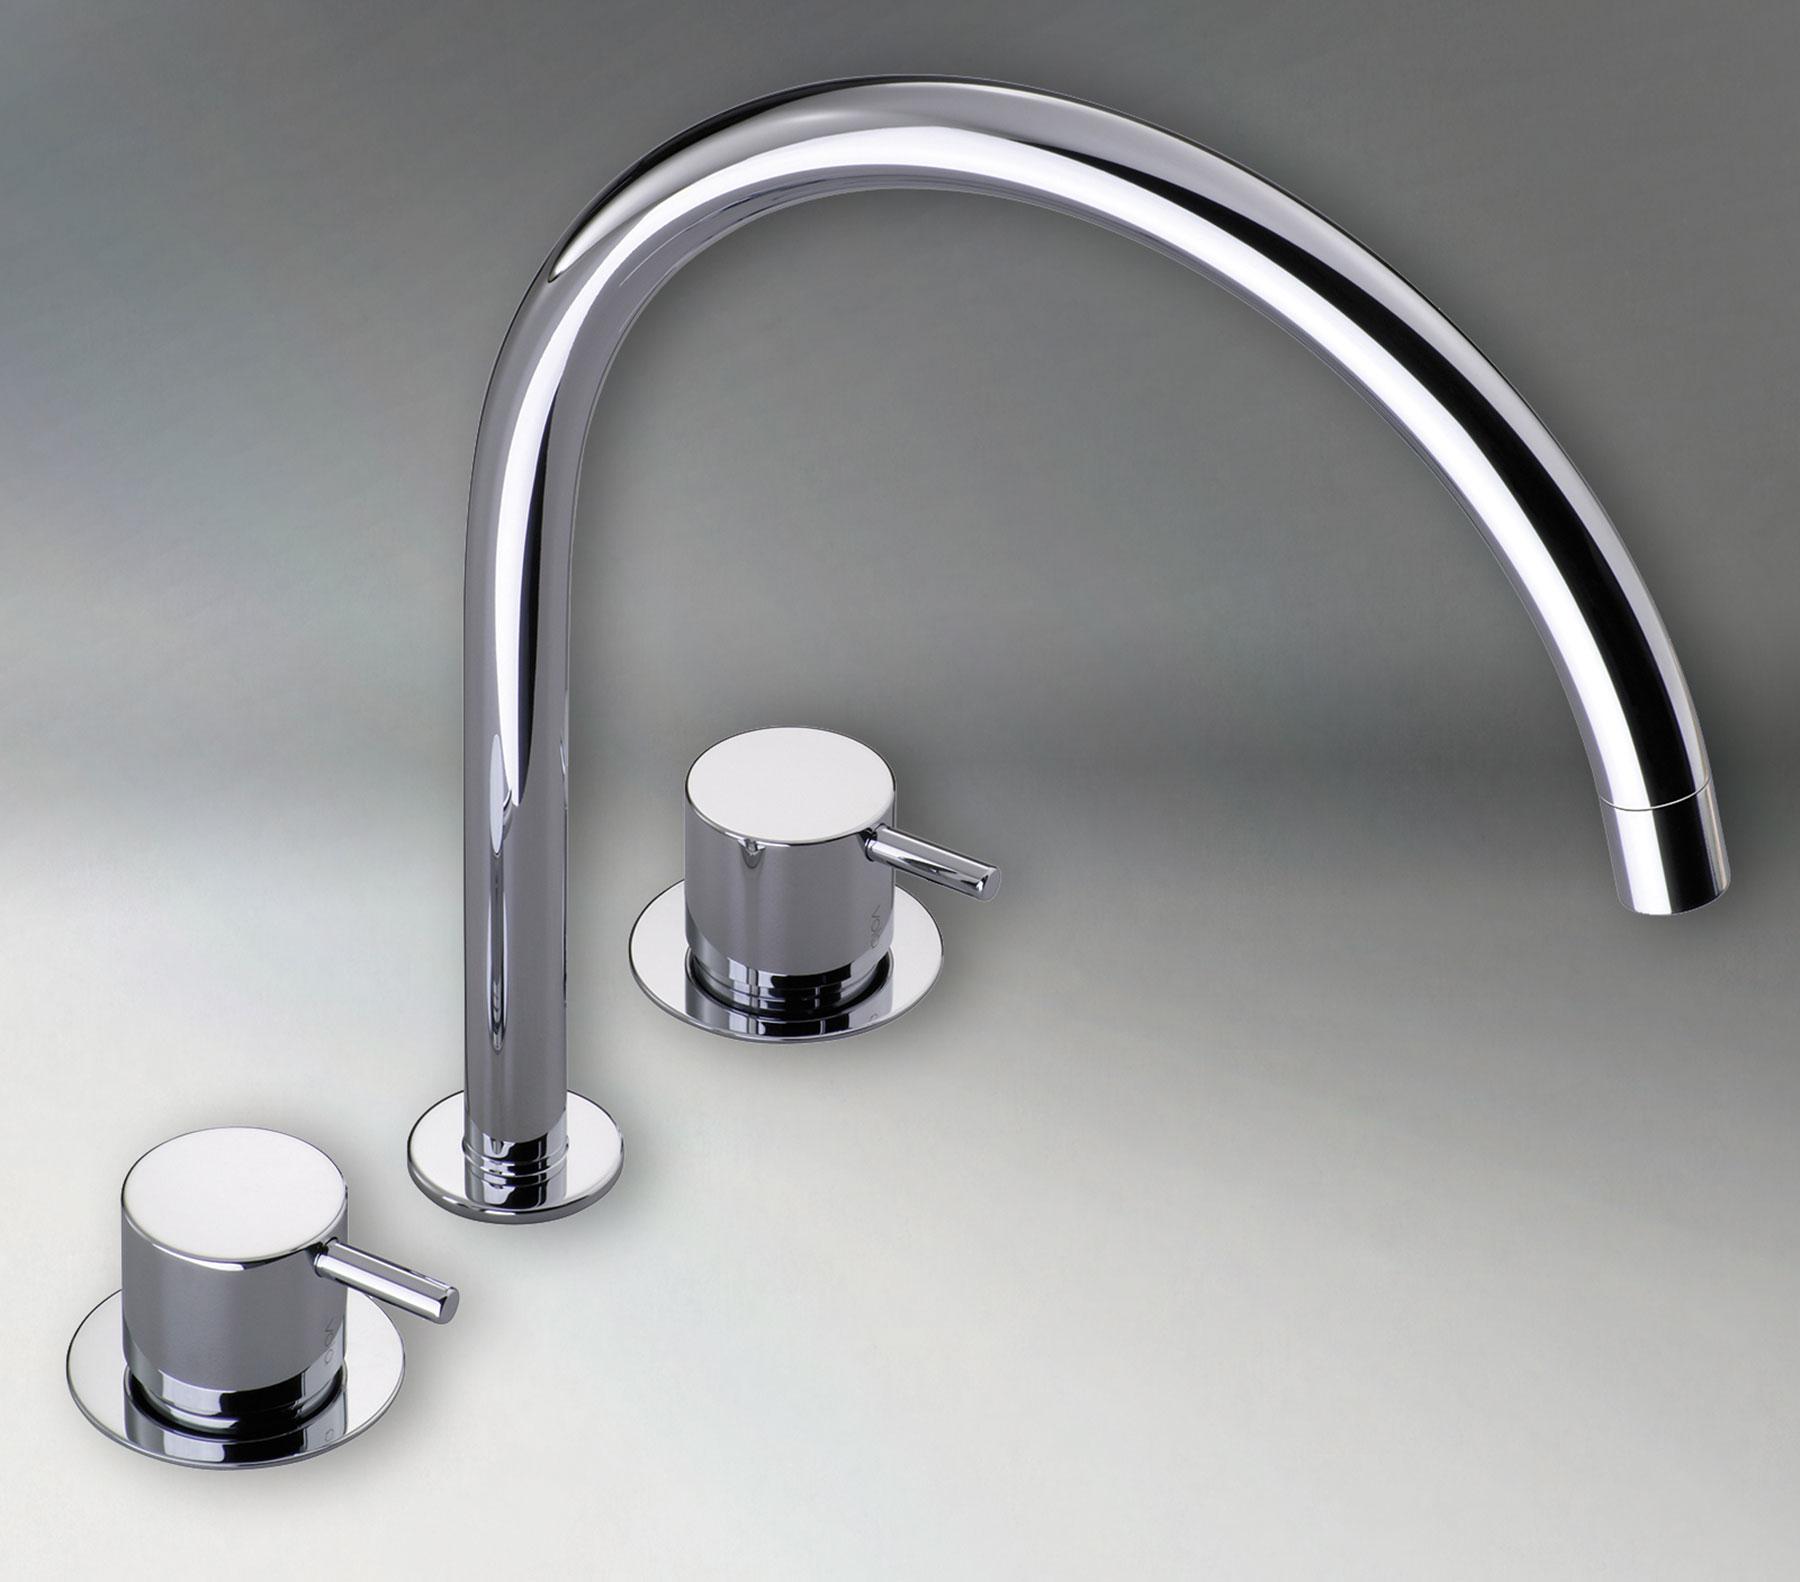 Transitional Vola Deck Mount Faucet